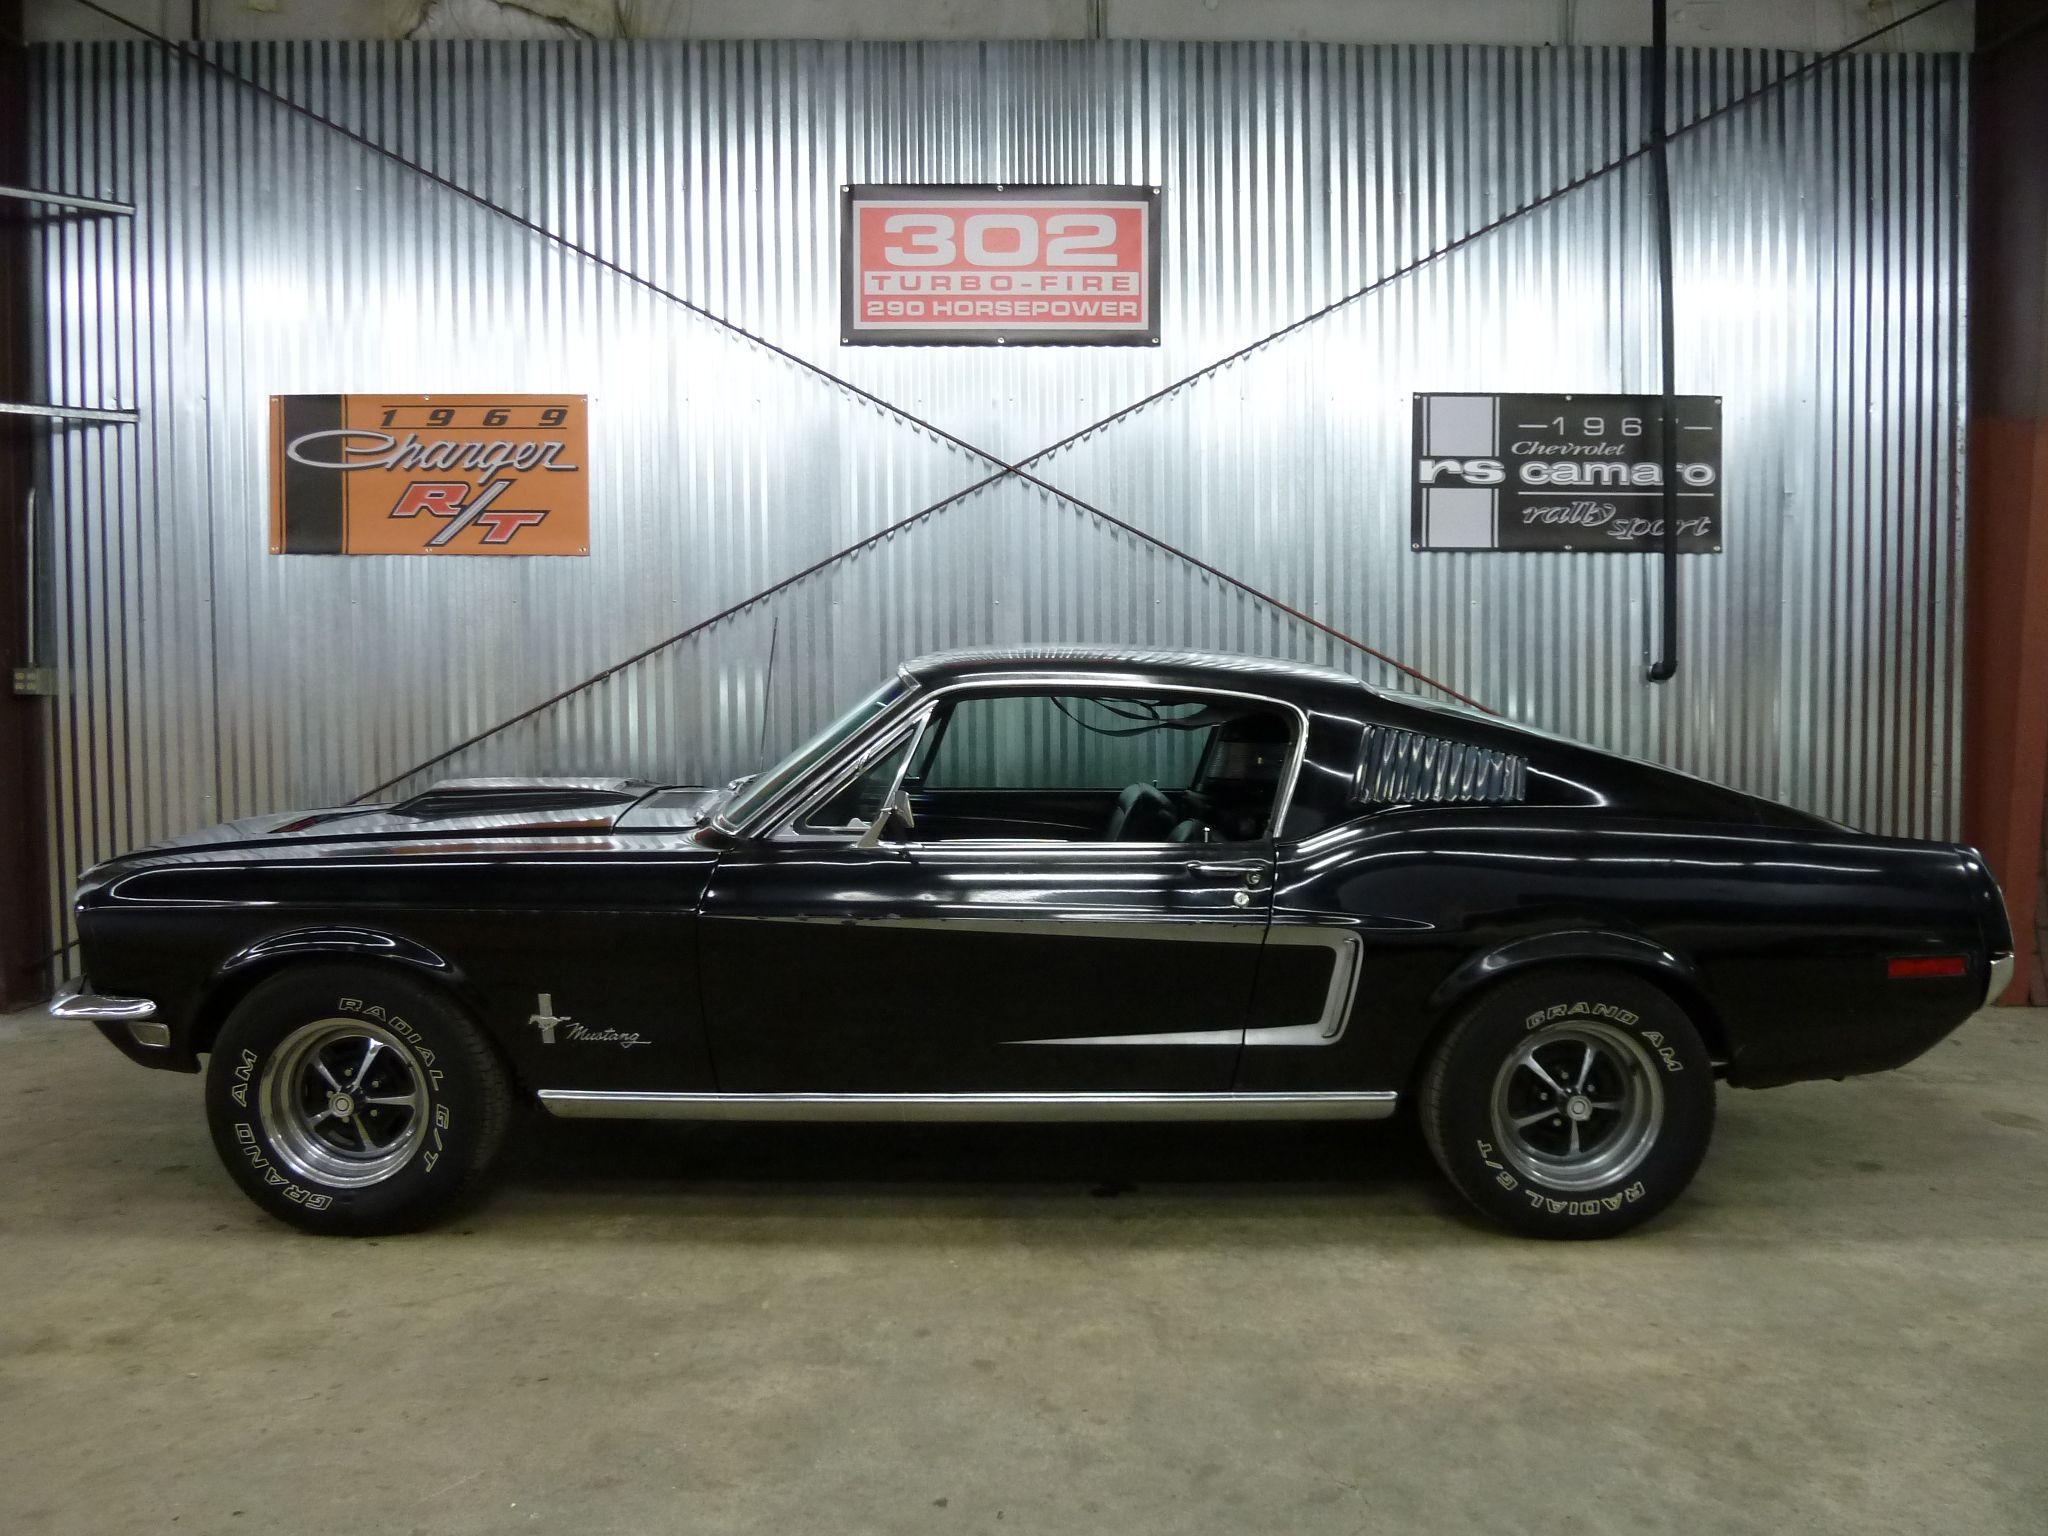 68 Mustang Fastback Black 390 5 Speed 017JPG 20481536  Cars